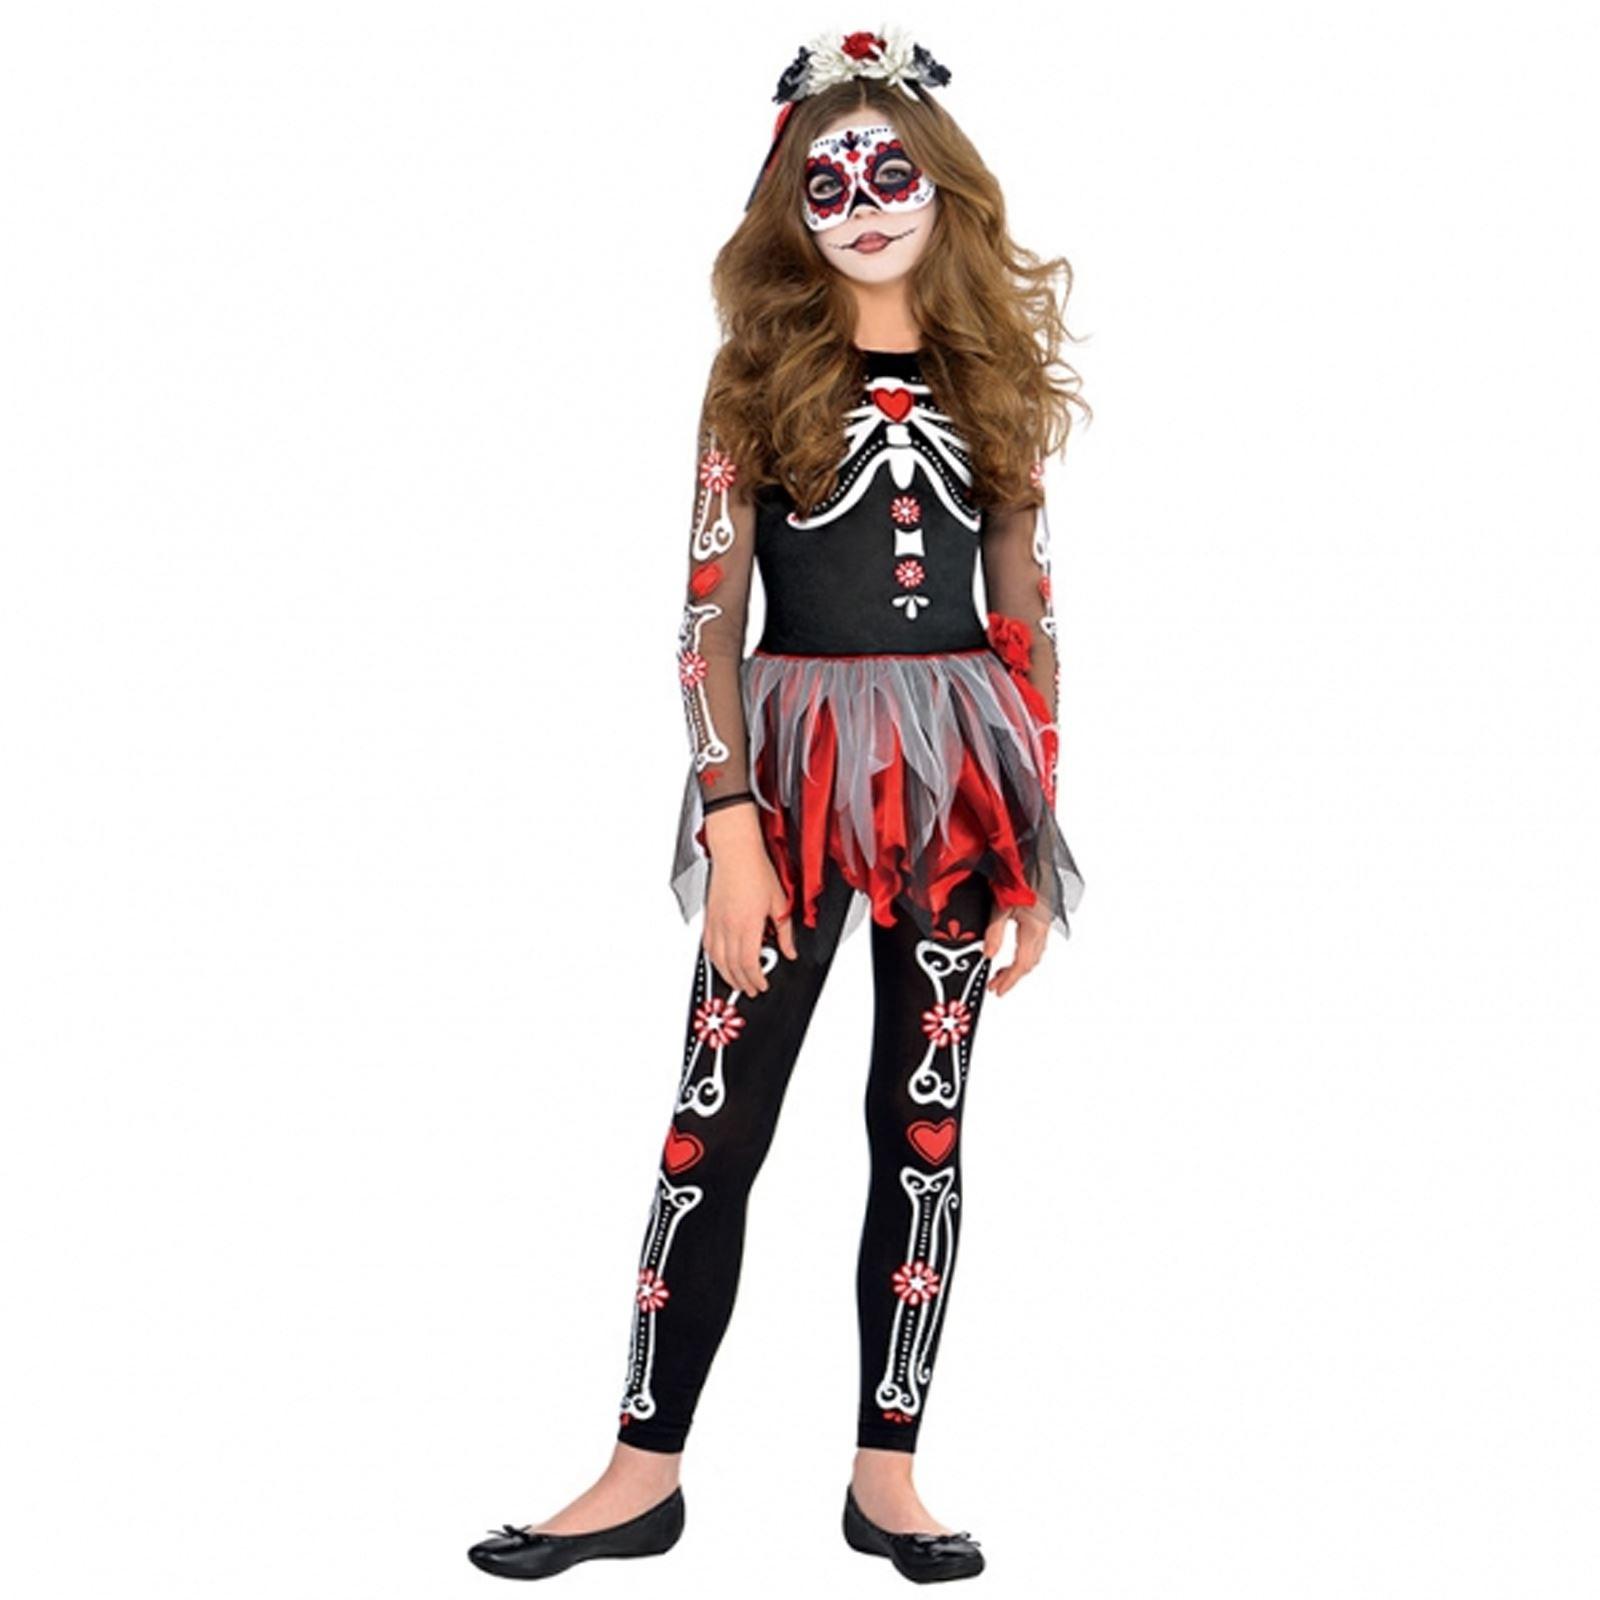 93bdfd4e4e336 Kids Girls Sugar Skull Bride Day of the Dead Halloween Fancy Dress ...